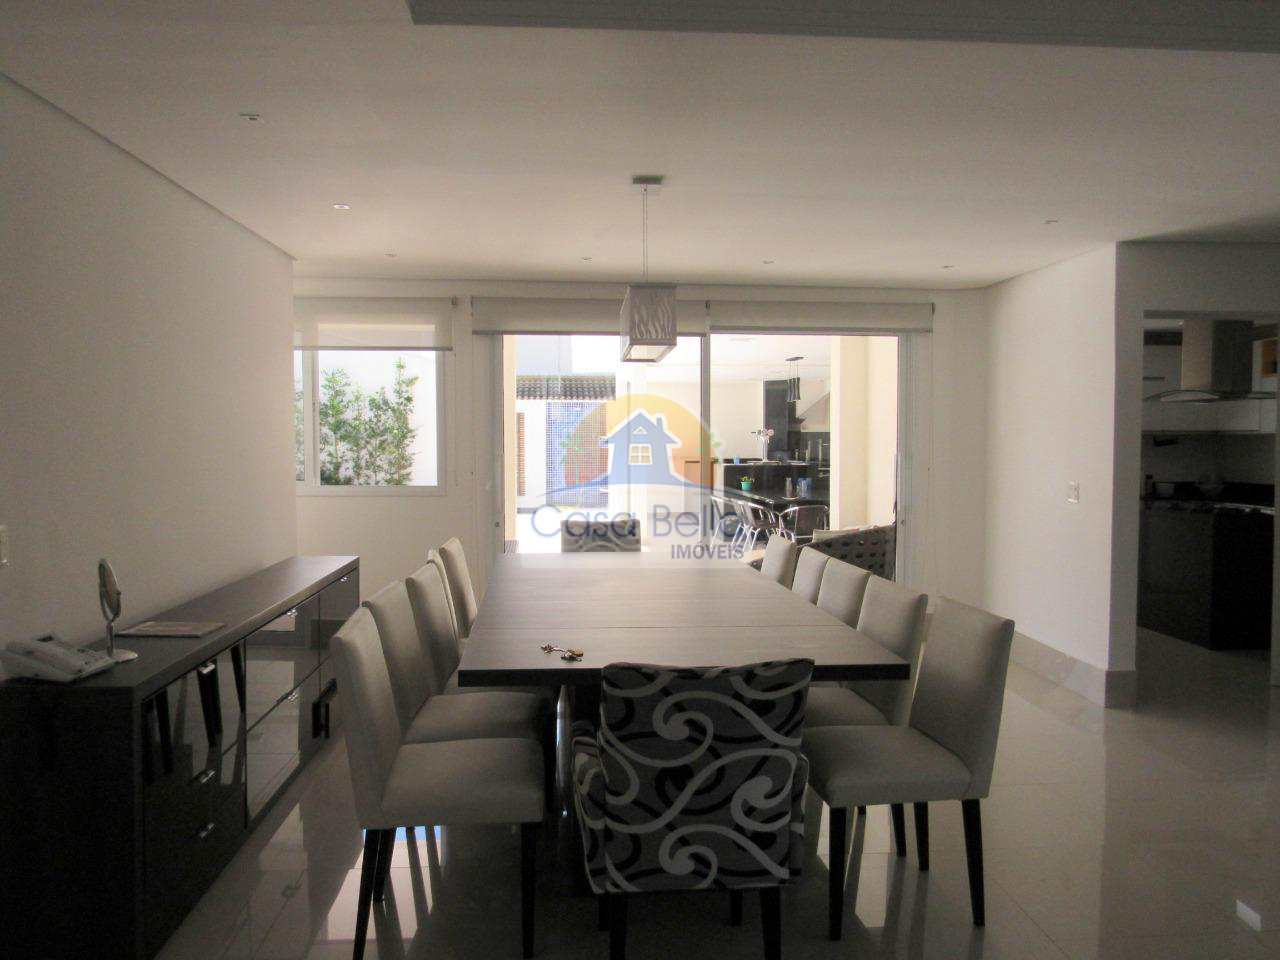 Sobrado de Condomínio com 6 dorms, Acapulco, Guarujá - R$ 3.9 mi, Cod: 2915